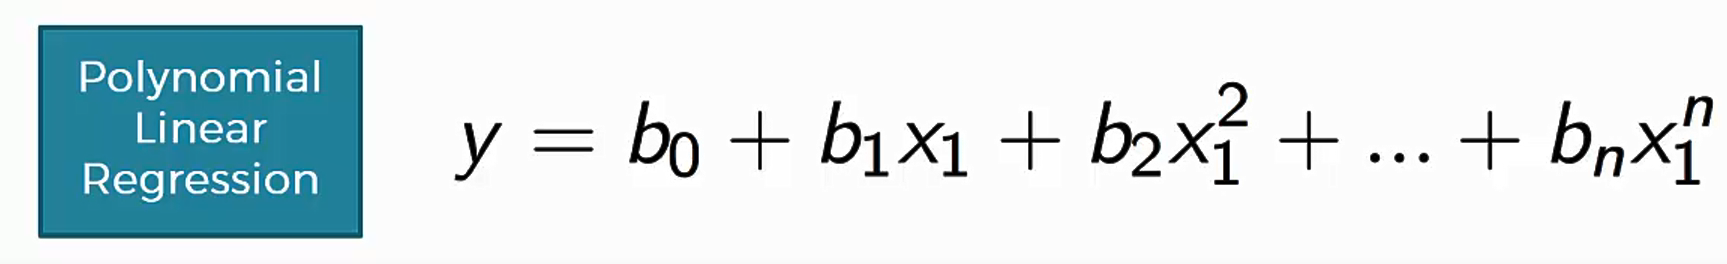 Maschinenlernen Polynomische Regression